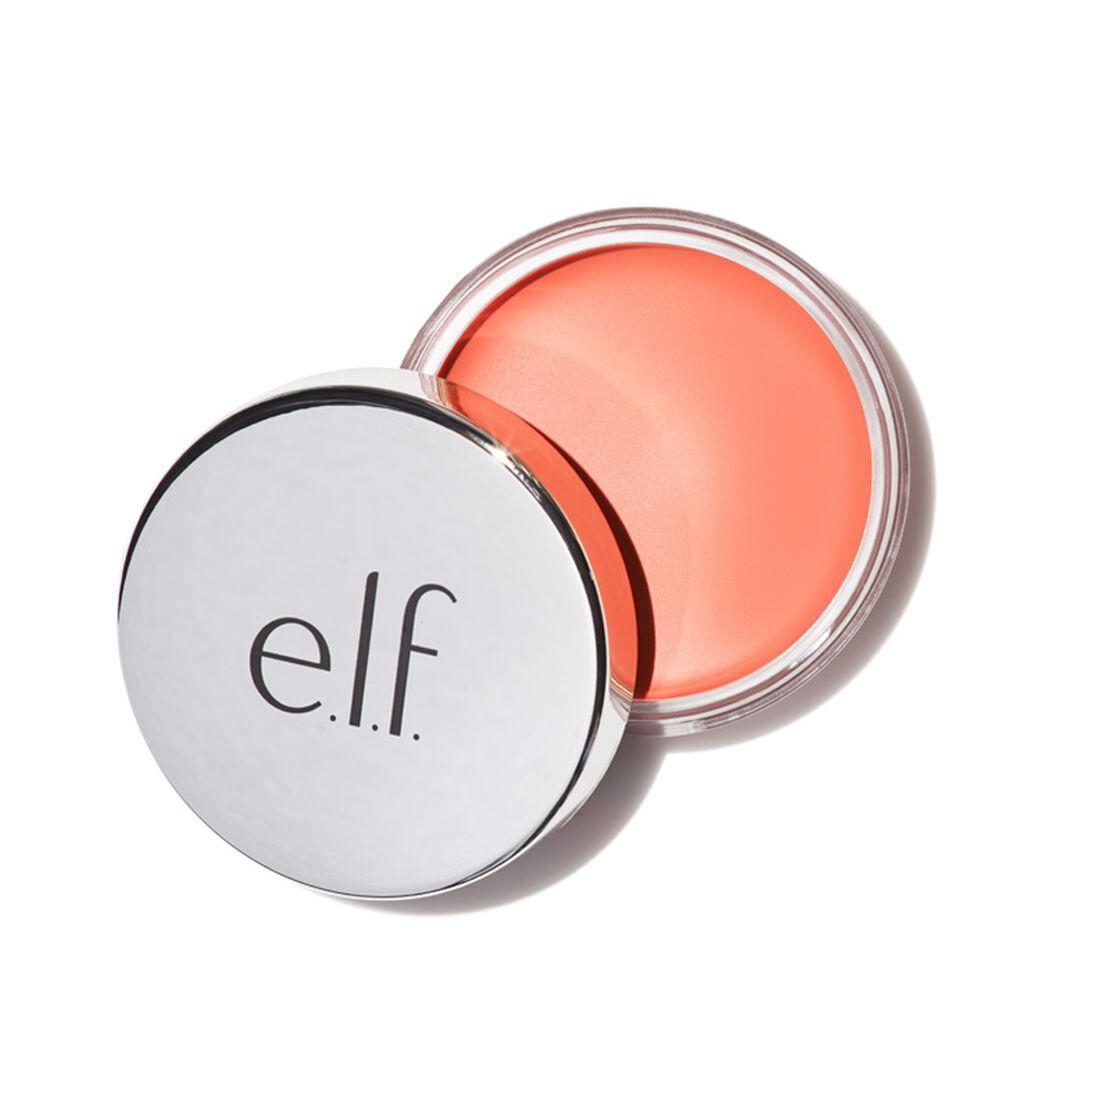 E.l.f. - Beautifully Bare Cheeky Glow